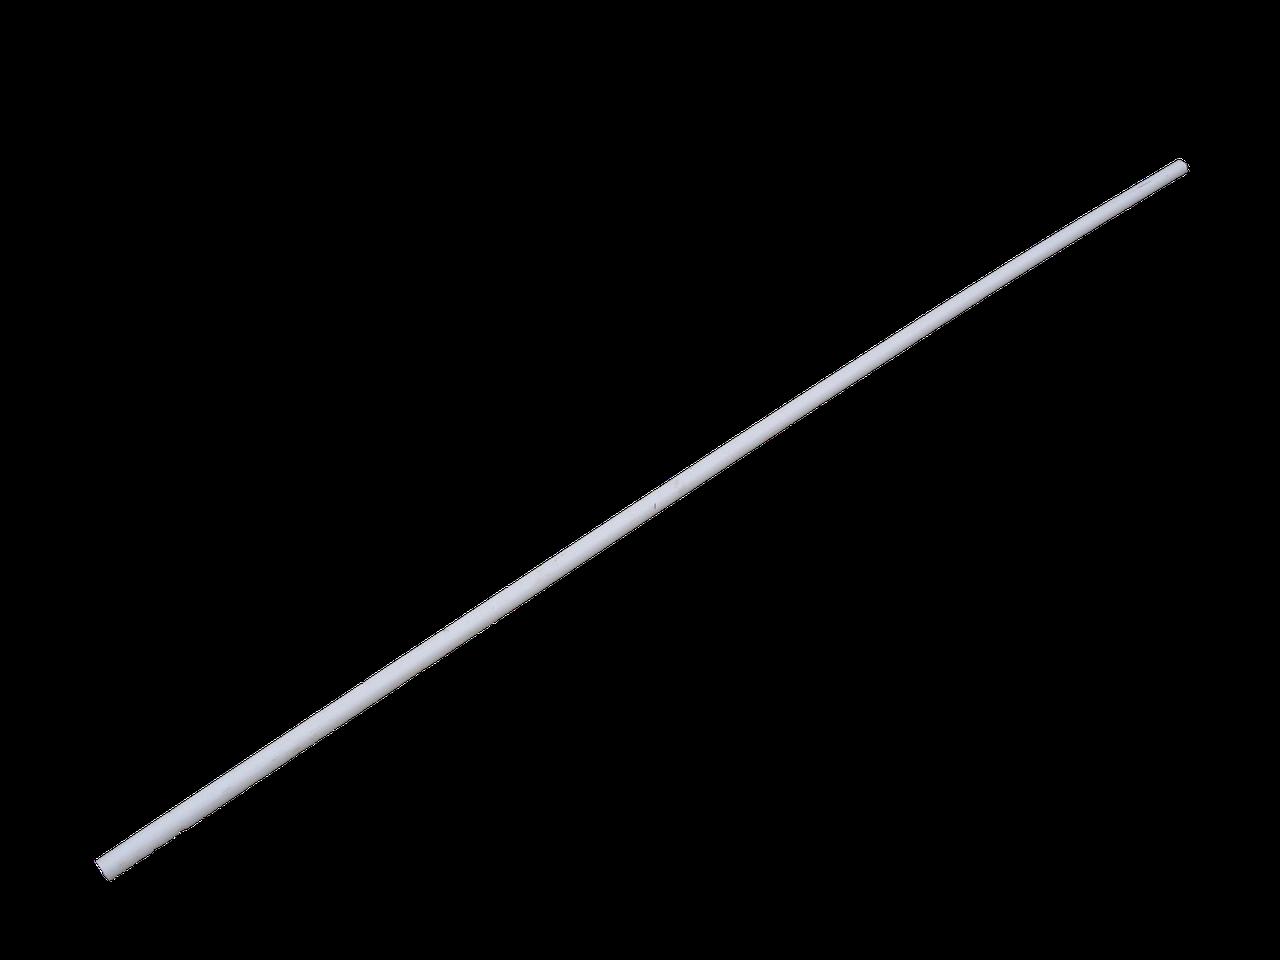 Труба пластиковая для поения 2 м Трубы для клеток Для ниппельных поилок